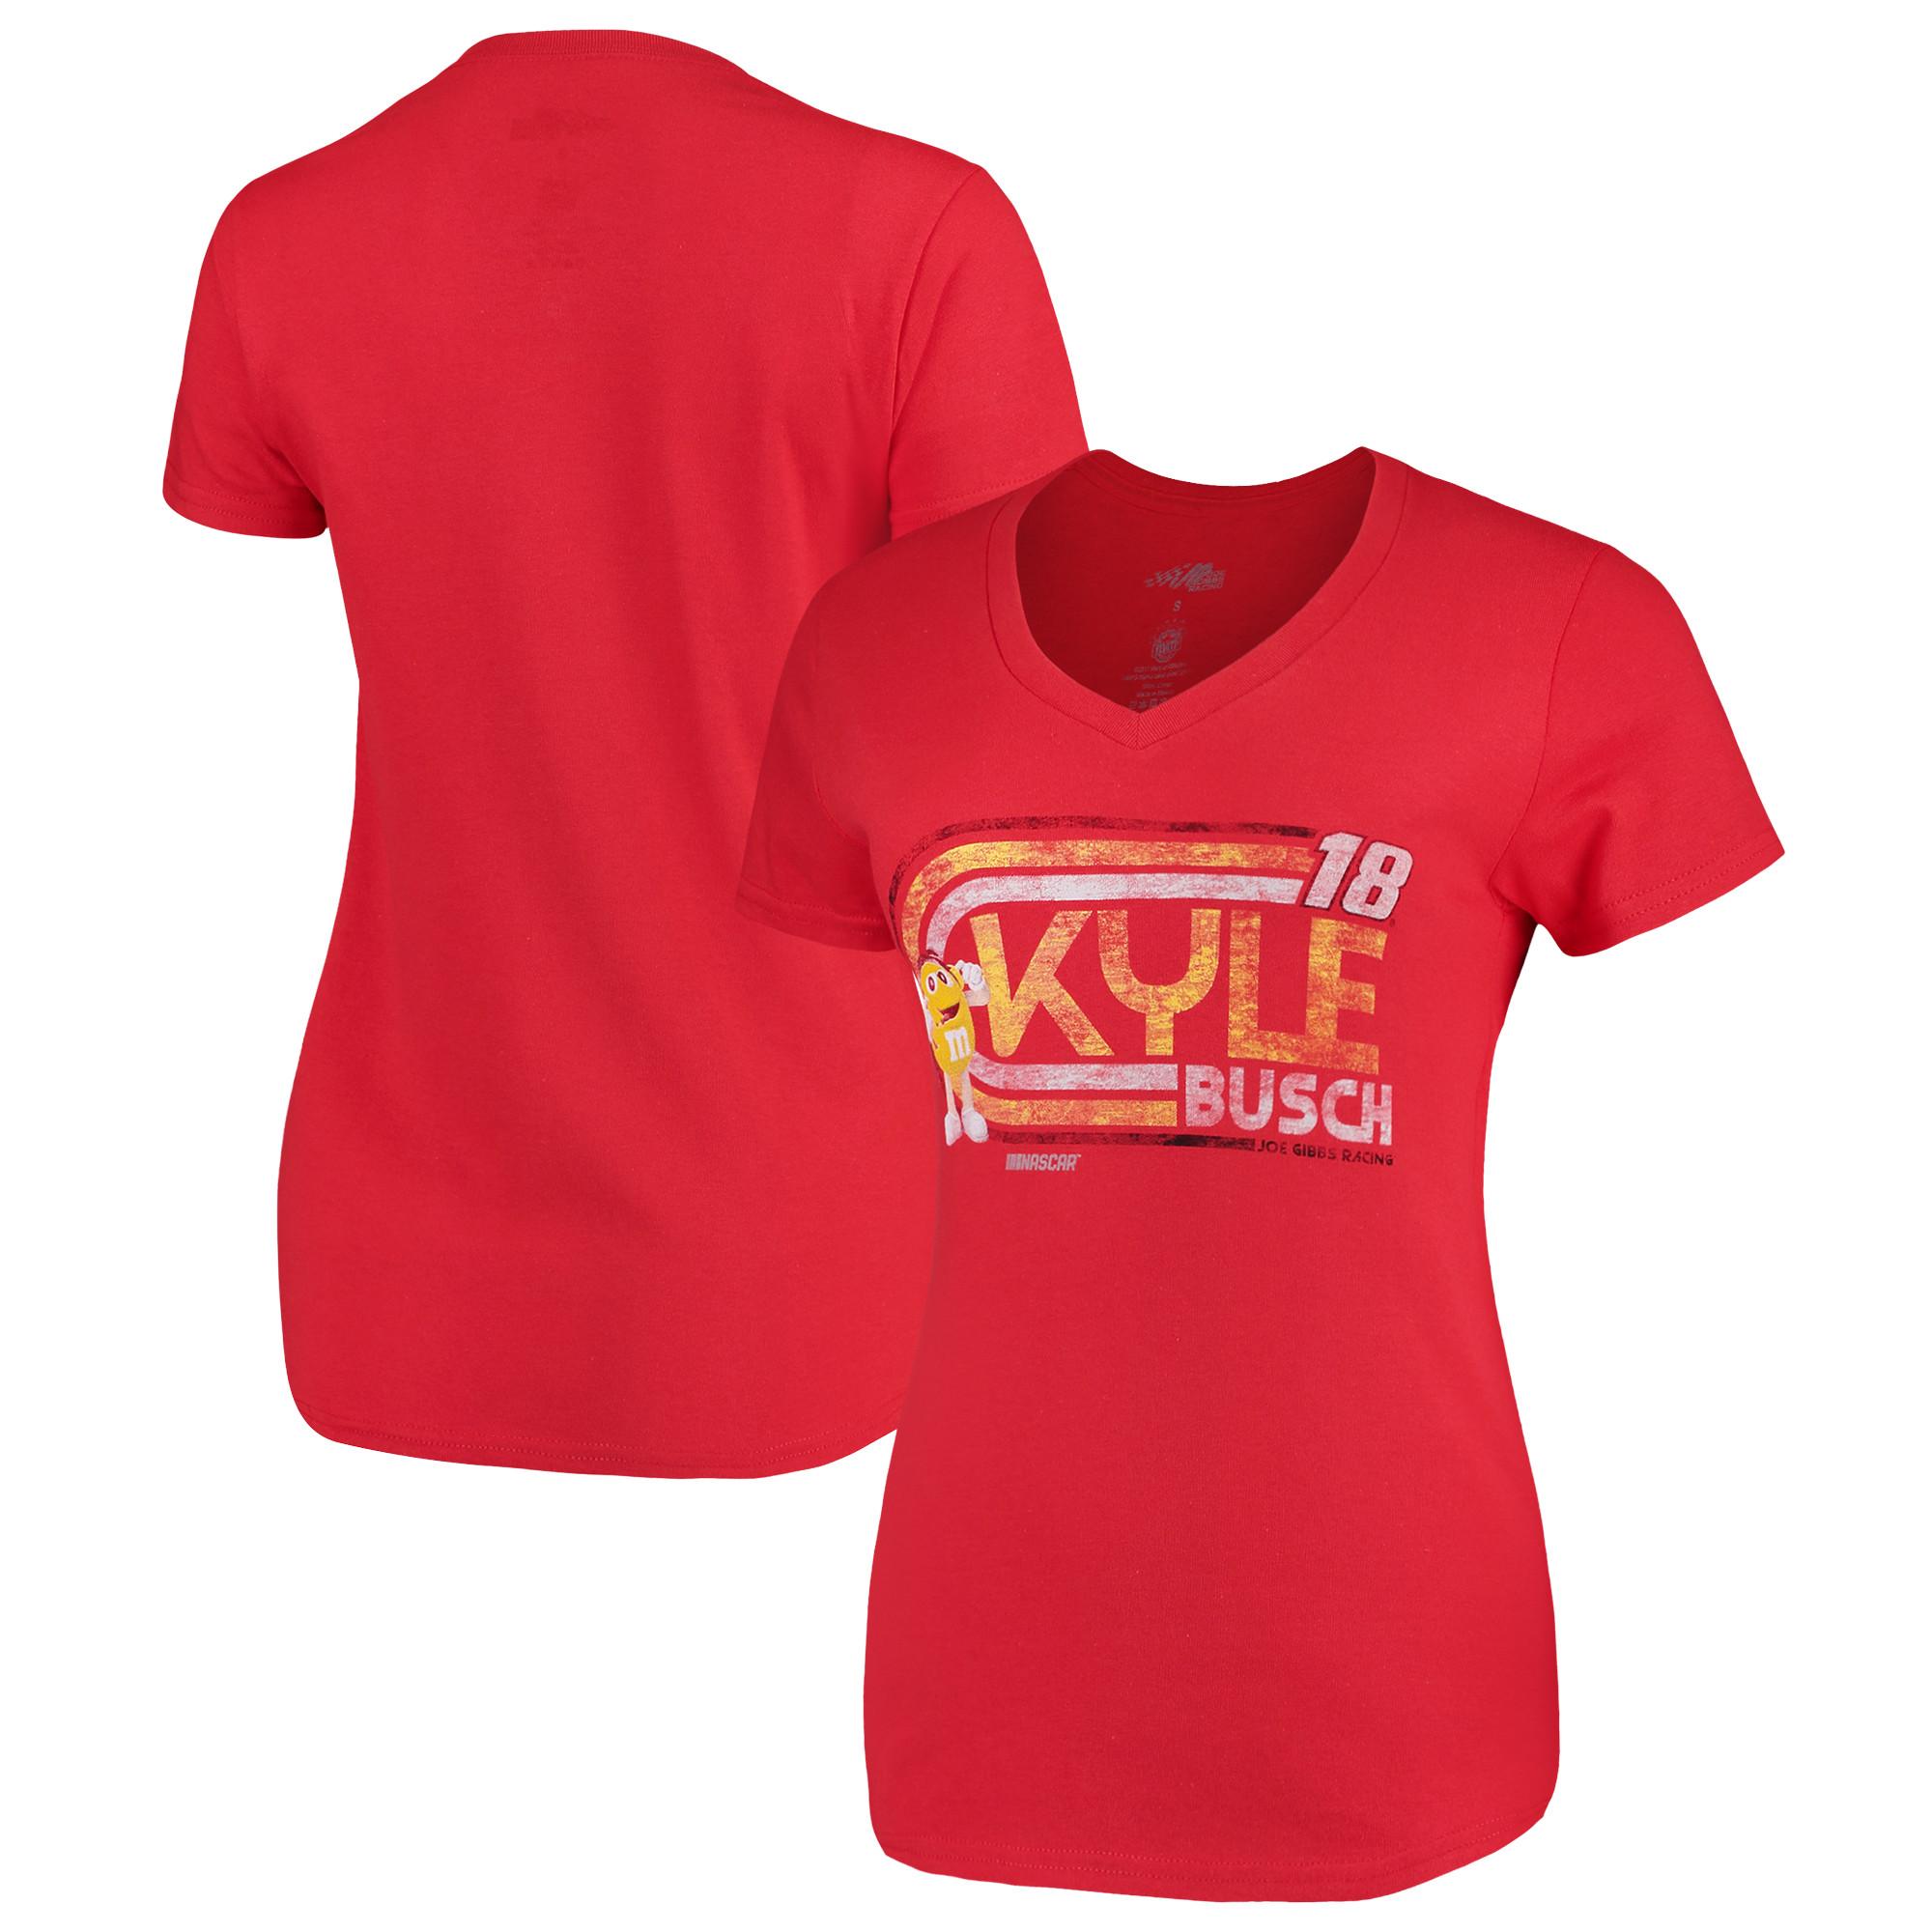 Kyle Busch Checkered Flag Women's Retro V-Neck T-Shirt - Red